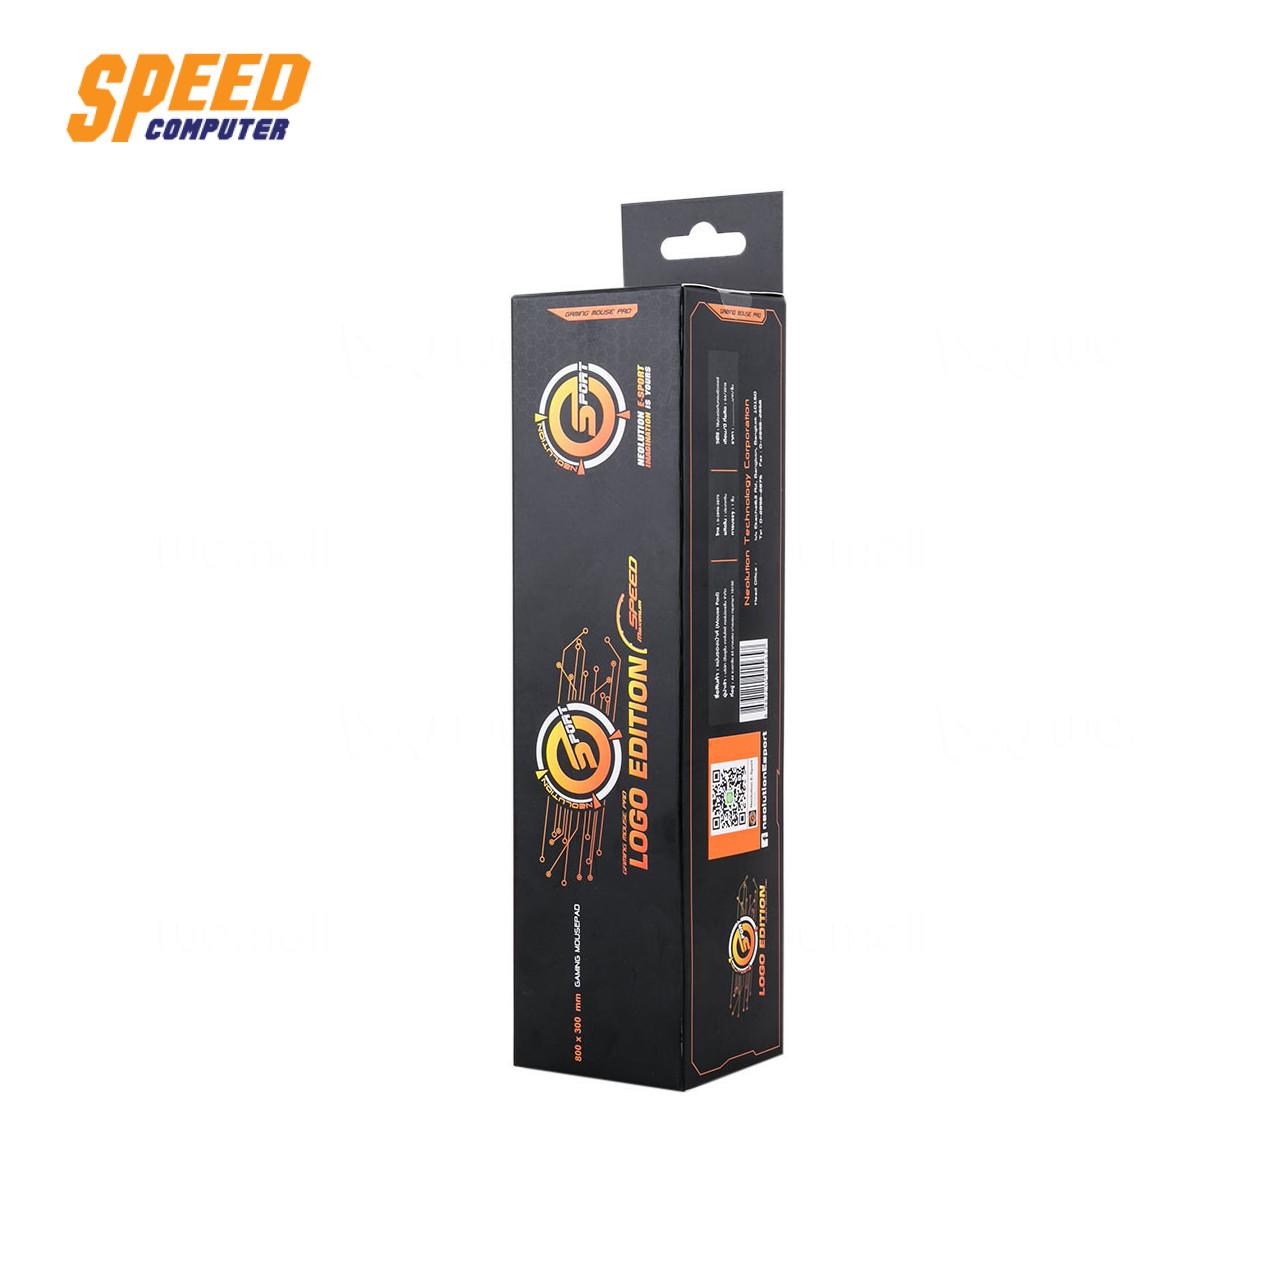 GMP-NES-SPEXXL